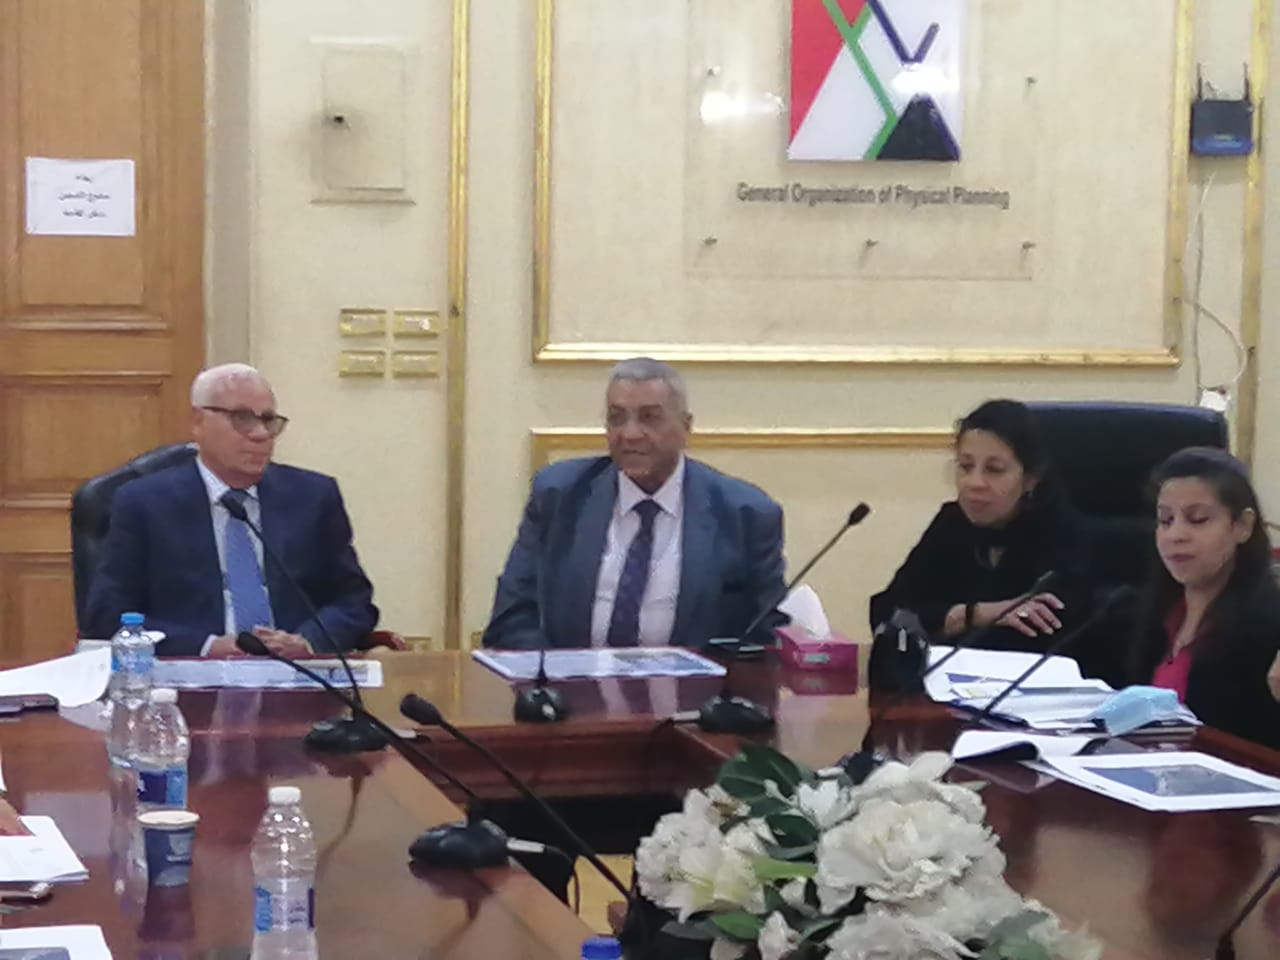 محافظ بورسعيد ورئيس الهيئة العامة للتخطيط العمرانى يستعرضان مشروع تحديث المخطط الاستراتيجى العام لمحافظة بورسعيد